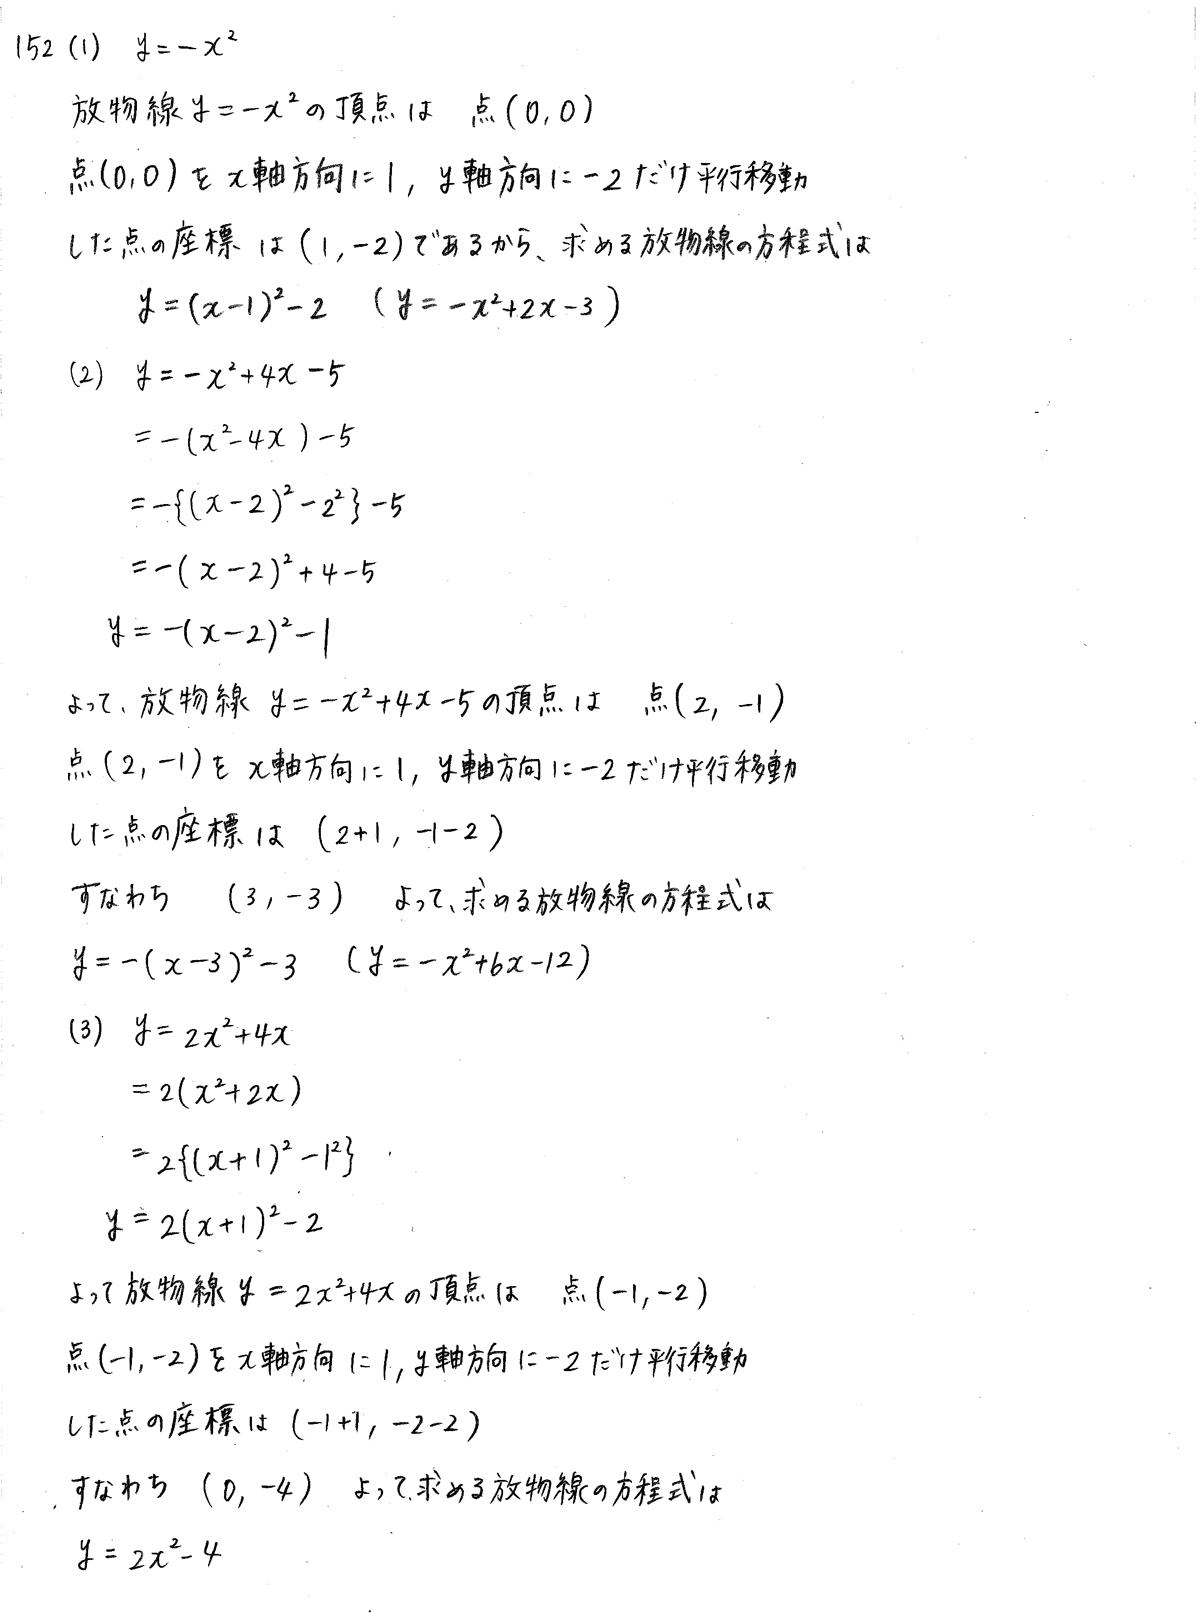 クリアー数学1-152解答